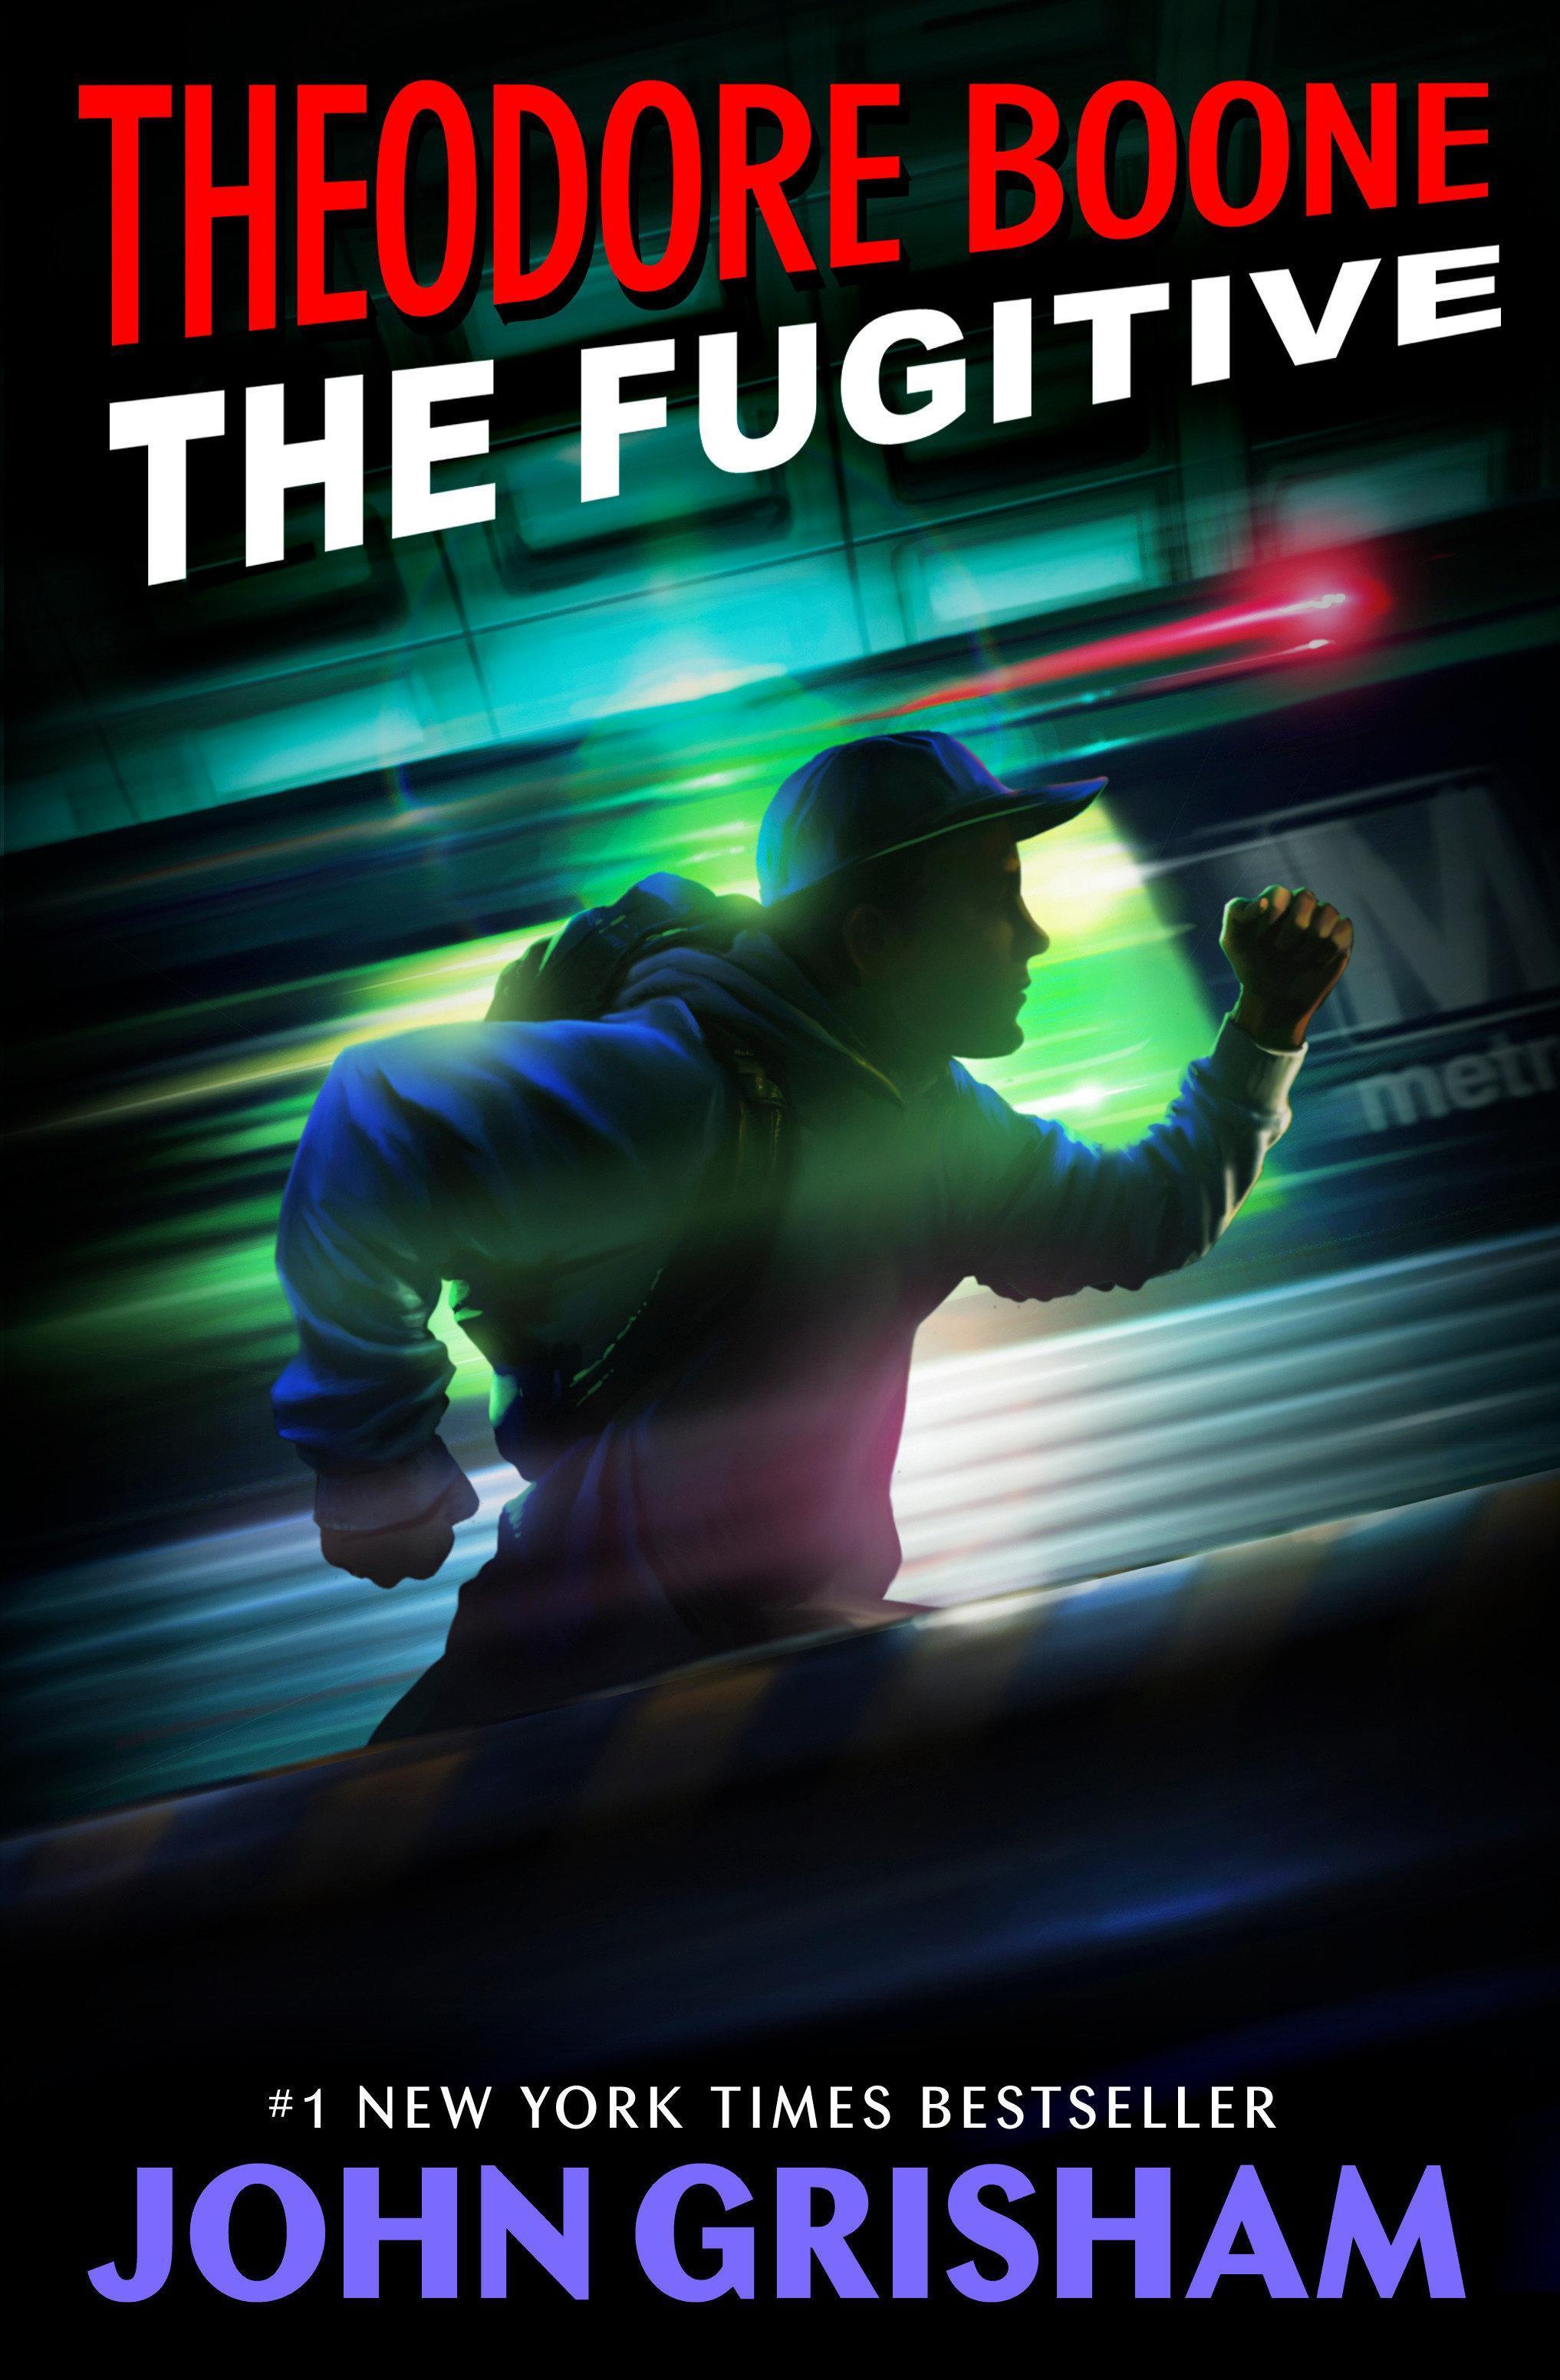 Theodore Boone 05: The Fugitive, John Grisham